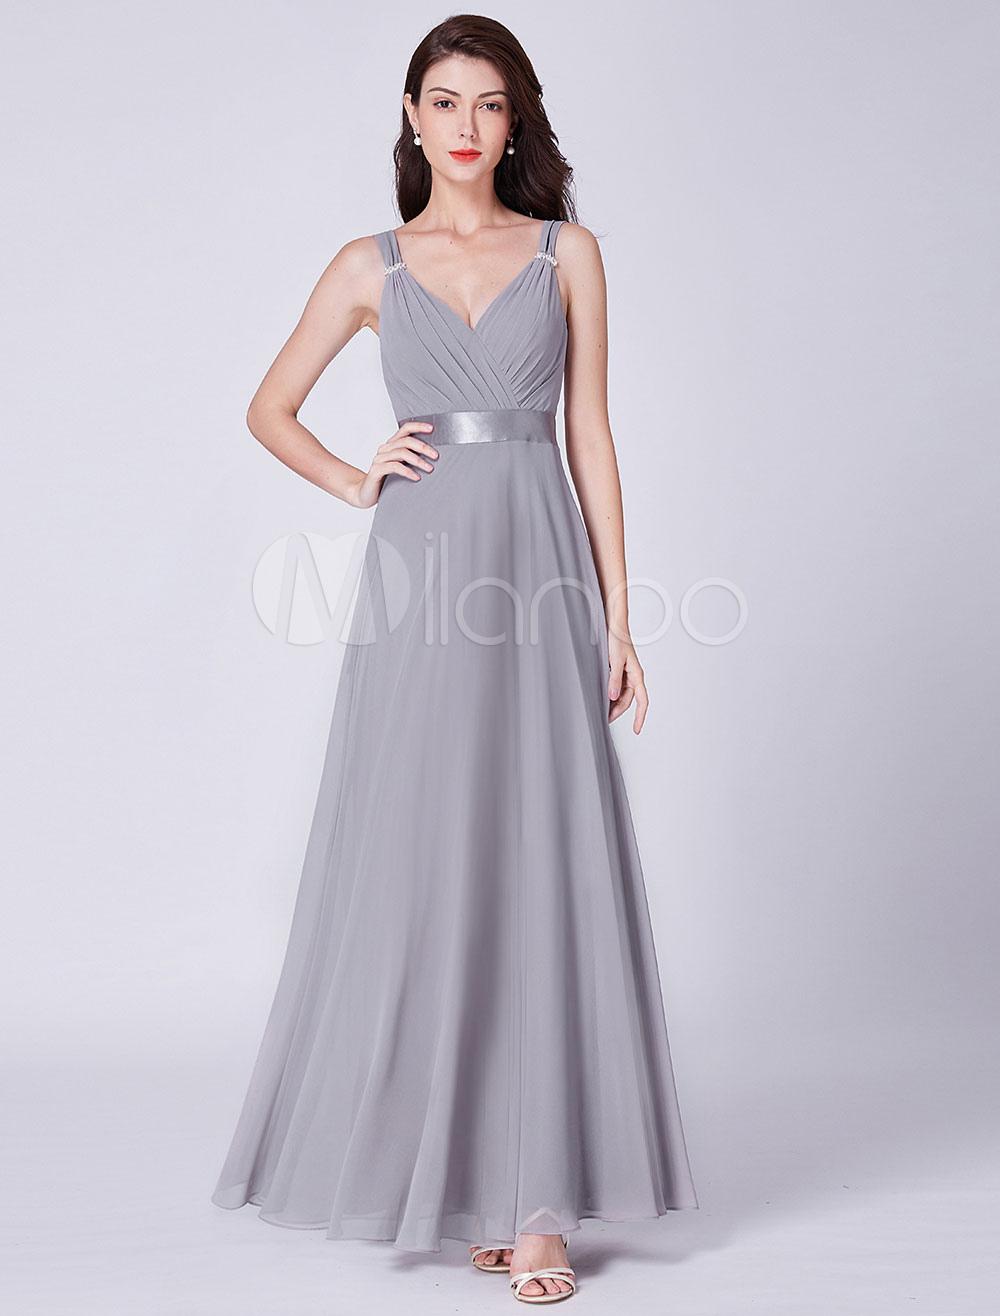 Vestidos largos en color gris